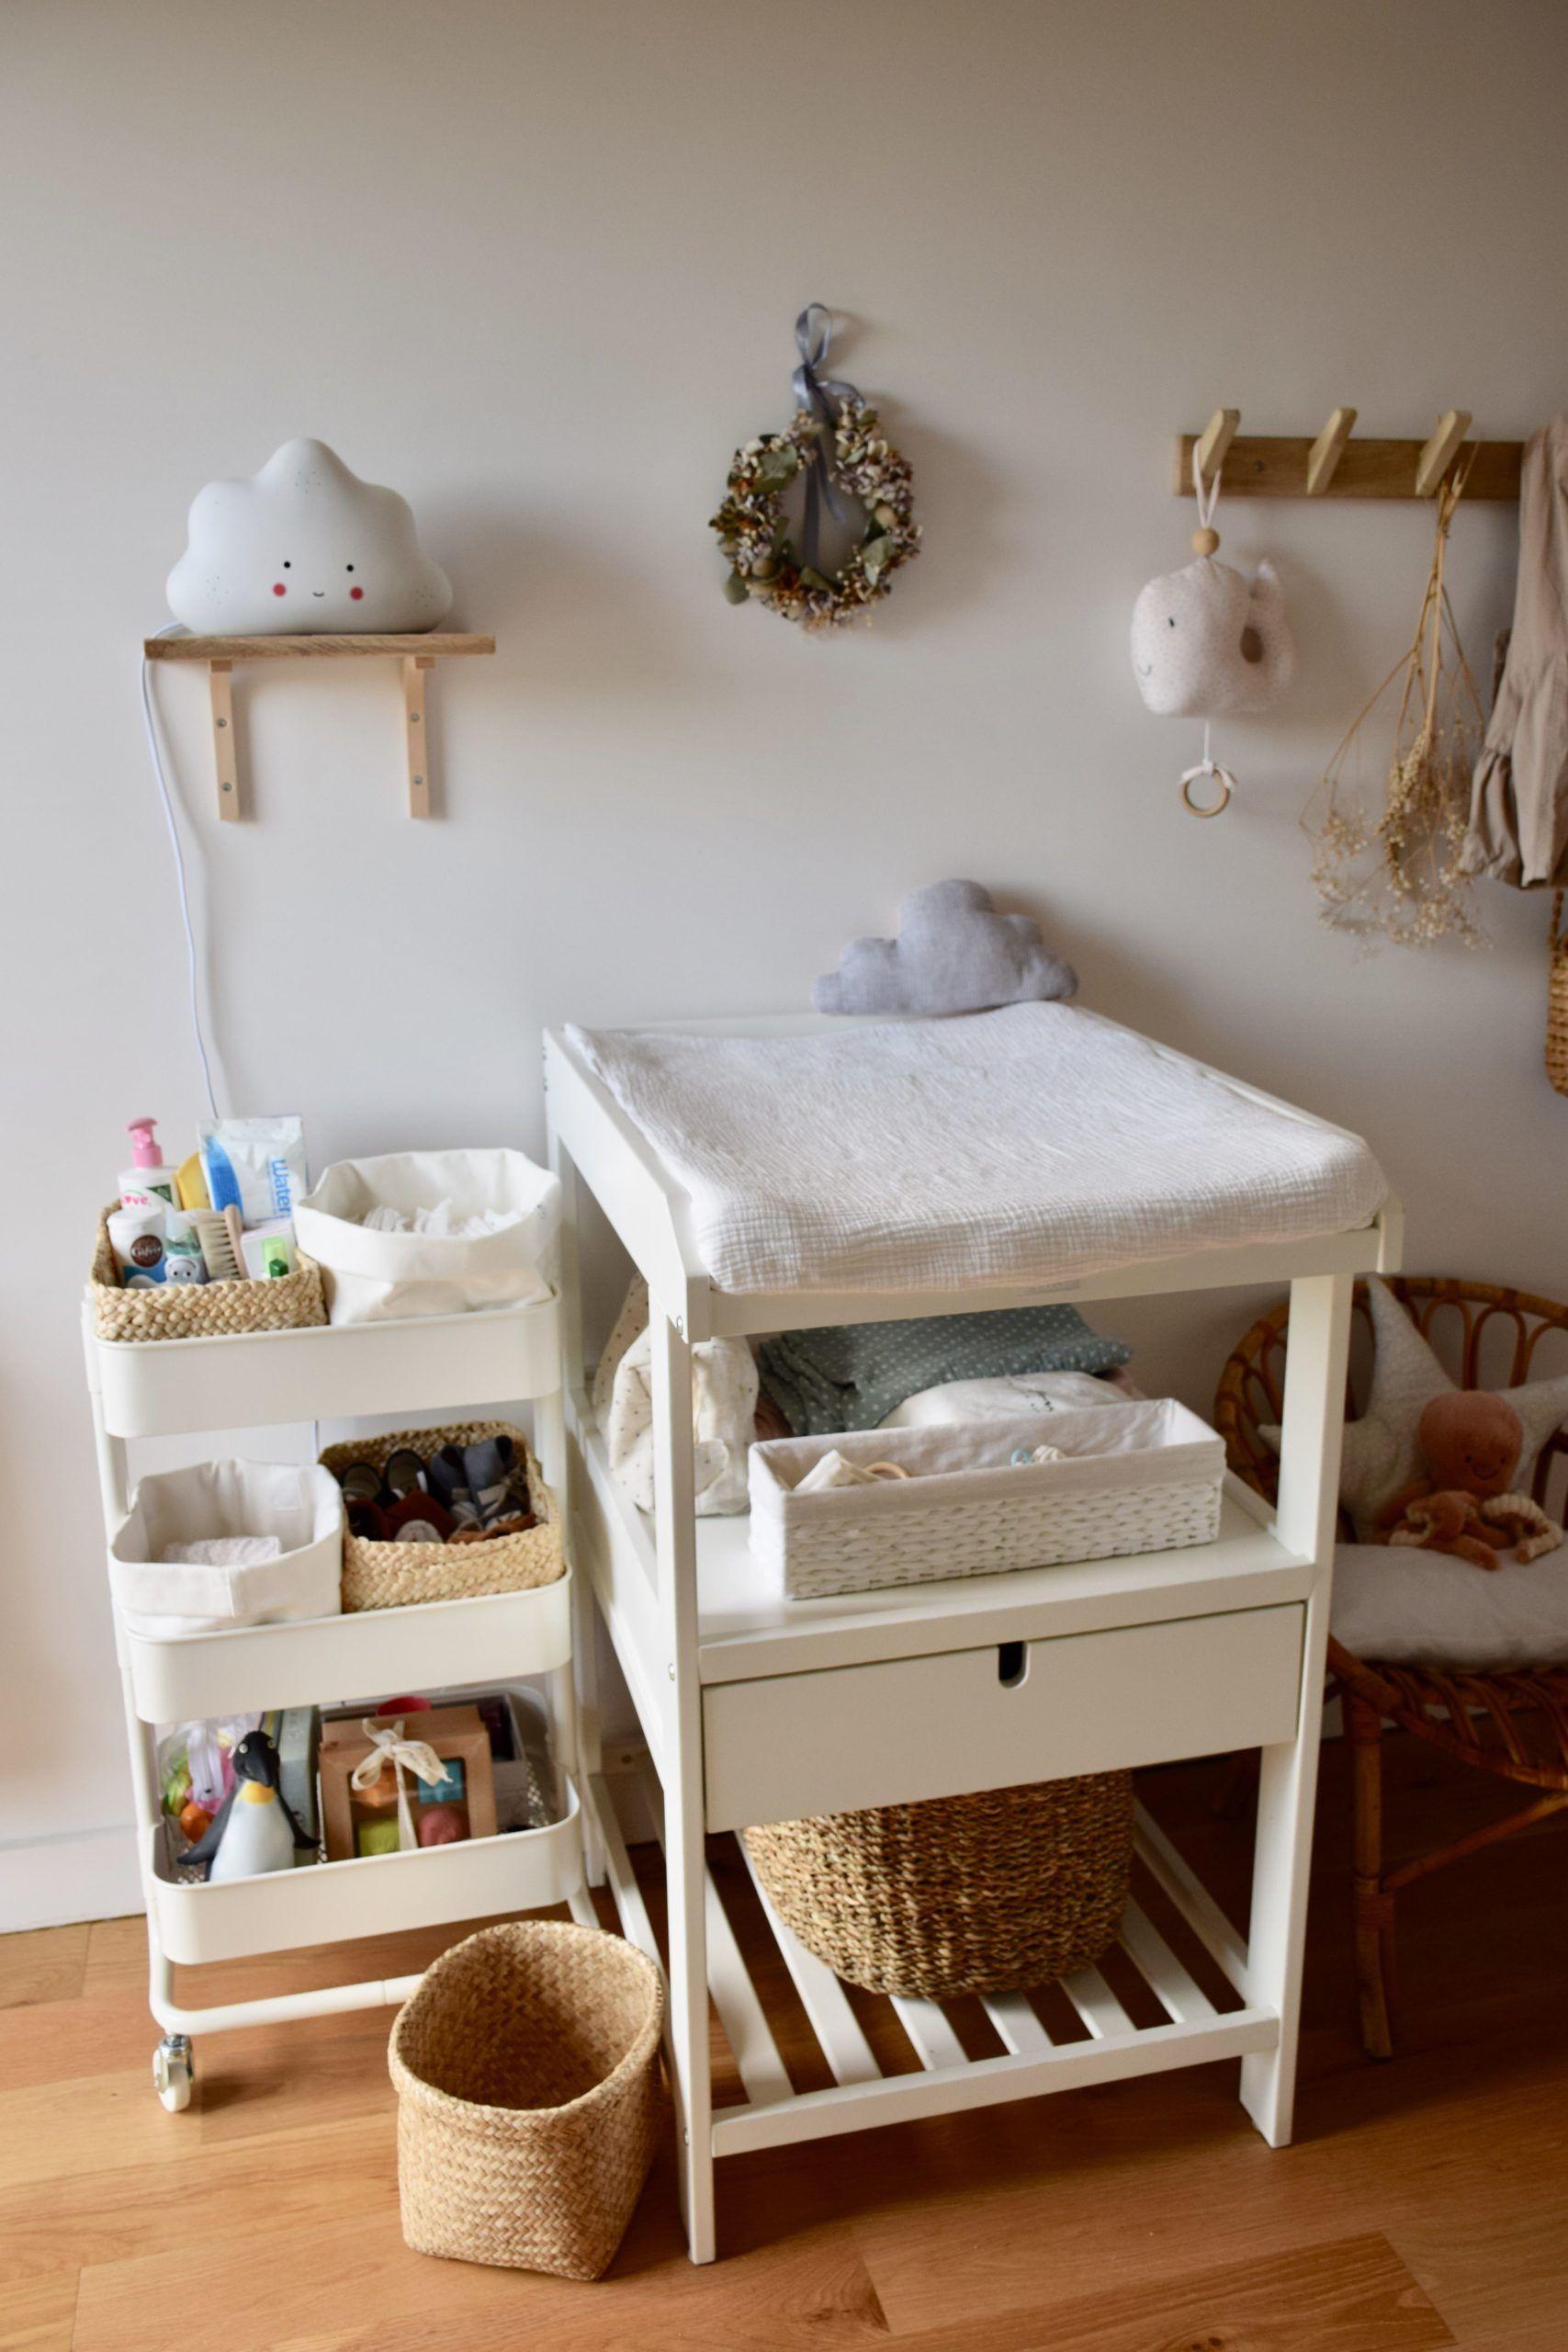 Babyzimmer In 2020 Babyzimmer Babyzimmer Dekor Elternzimmer